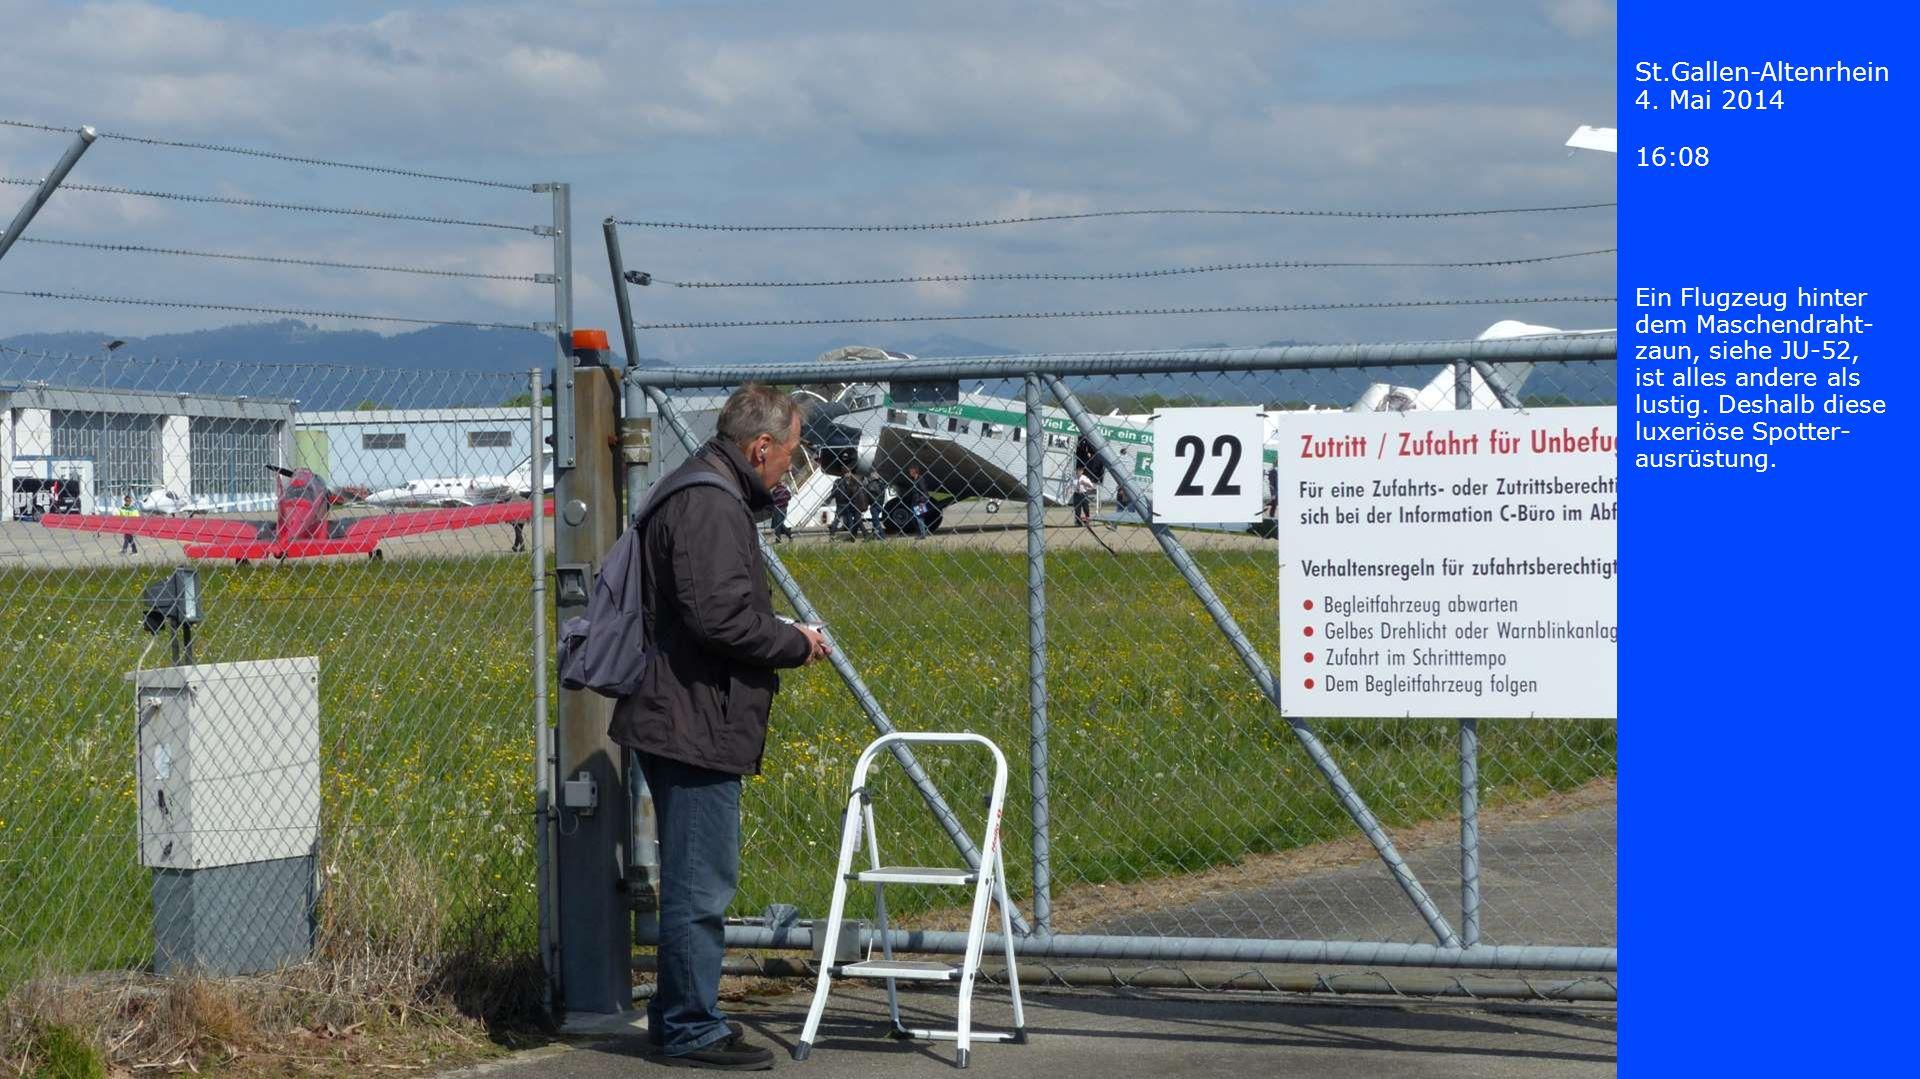 St.Gallen-Altenrhein 4. Mai 2014 16:08 Ein Flugzeug hinter dem Maschendraht- zaun, siehe JU-52, ist alles andere als lustig. Deshalb diese luxeriöse S